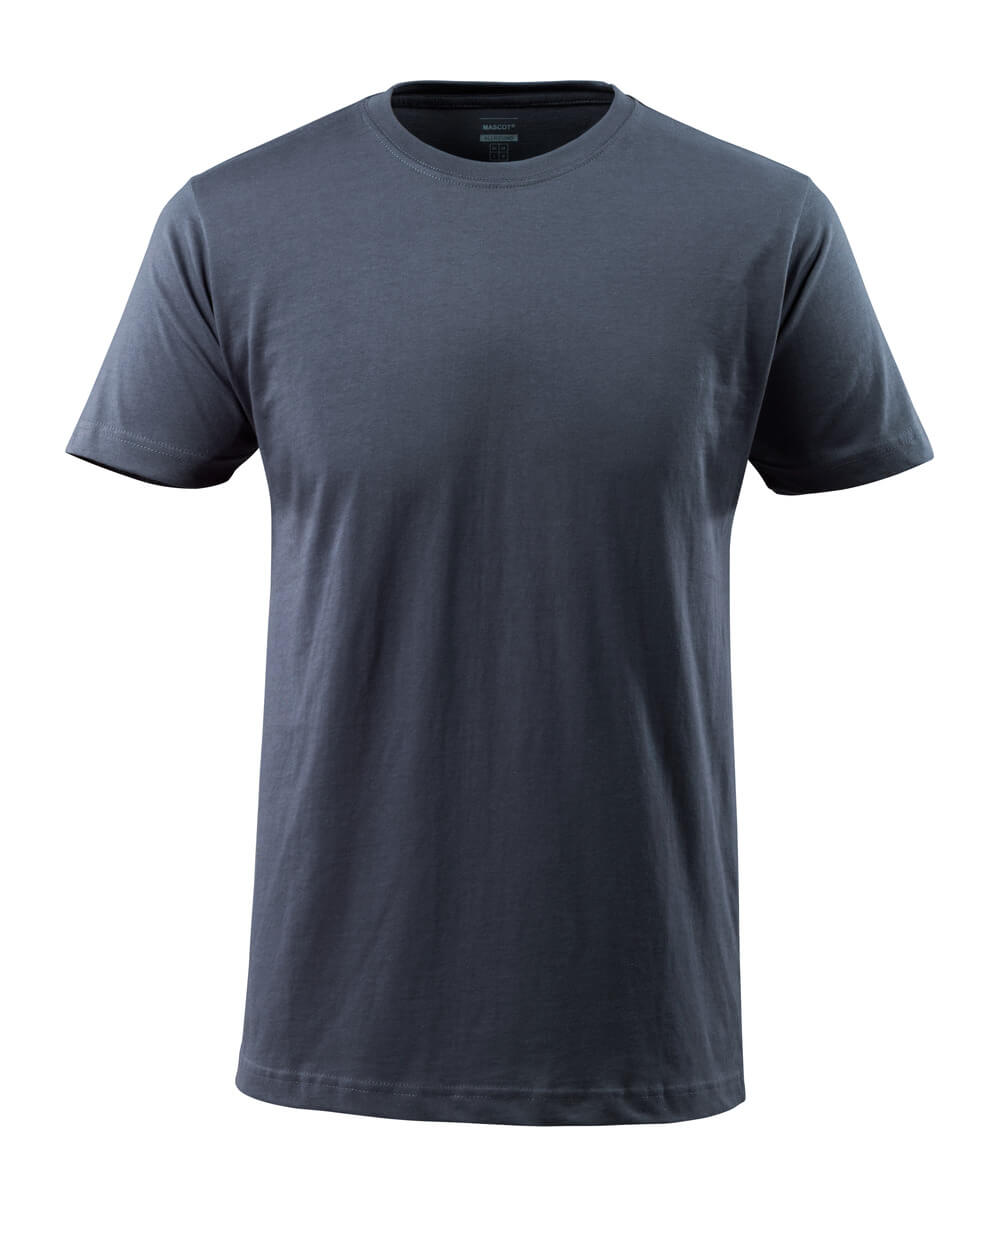 50662-965-010 T-shirt - mörk marin